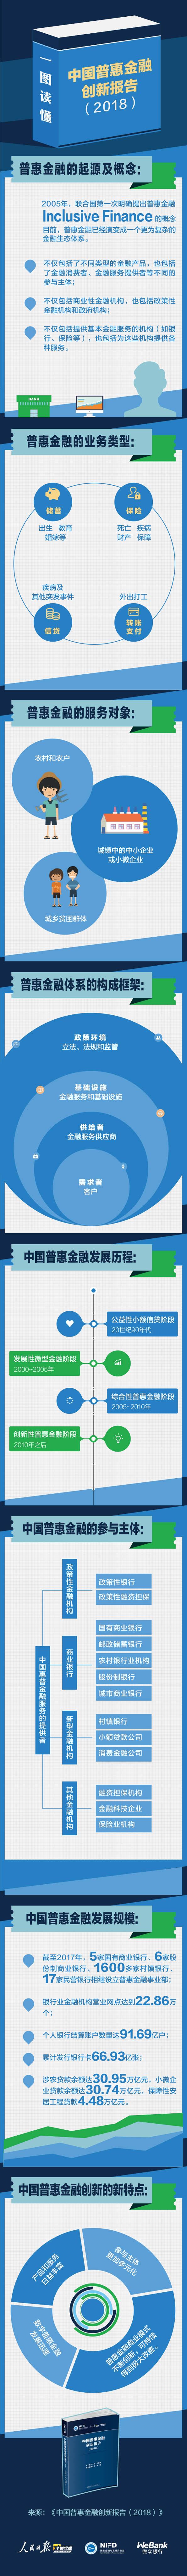 一图读懂《中国普惠金融创新报告(2018)》